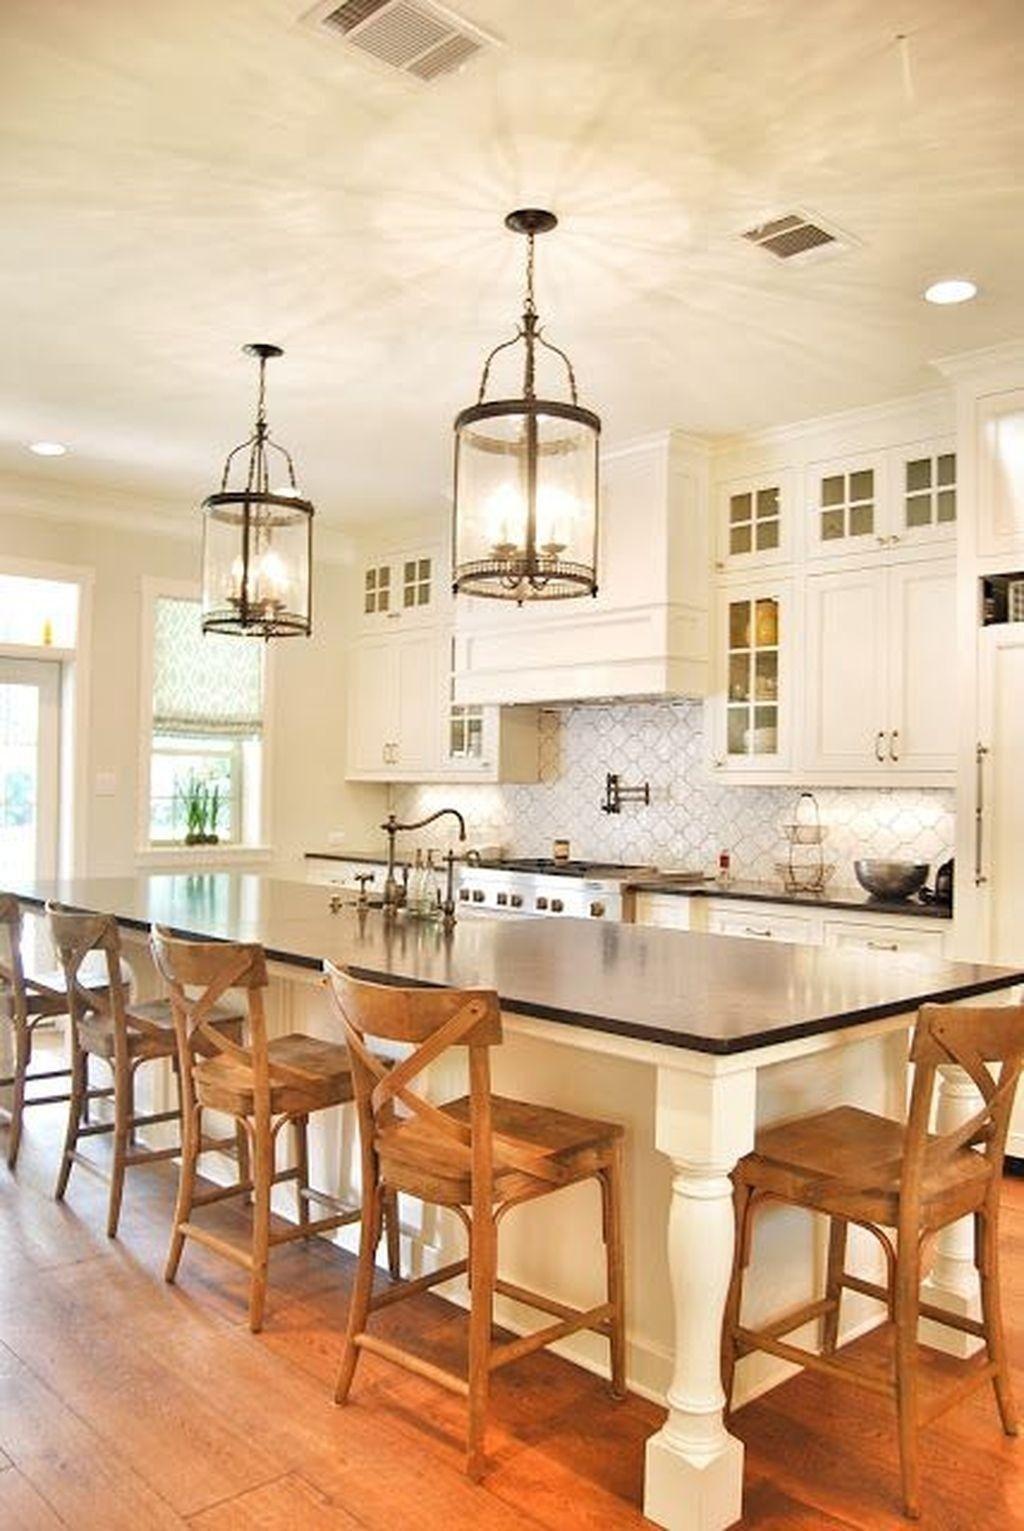 Kitchen Ideas With Island Kitchen Island With Seating And Sink Kitchen Layout Kitchen Design Kitchen Island Design